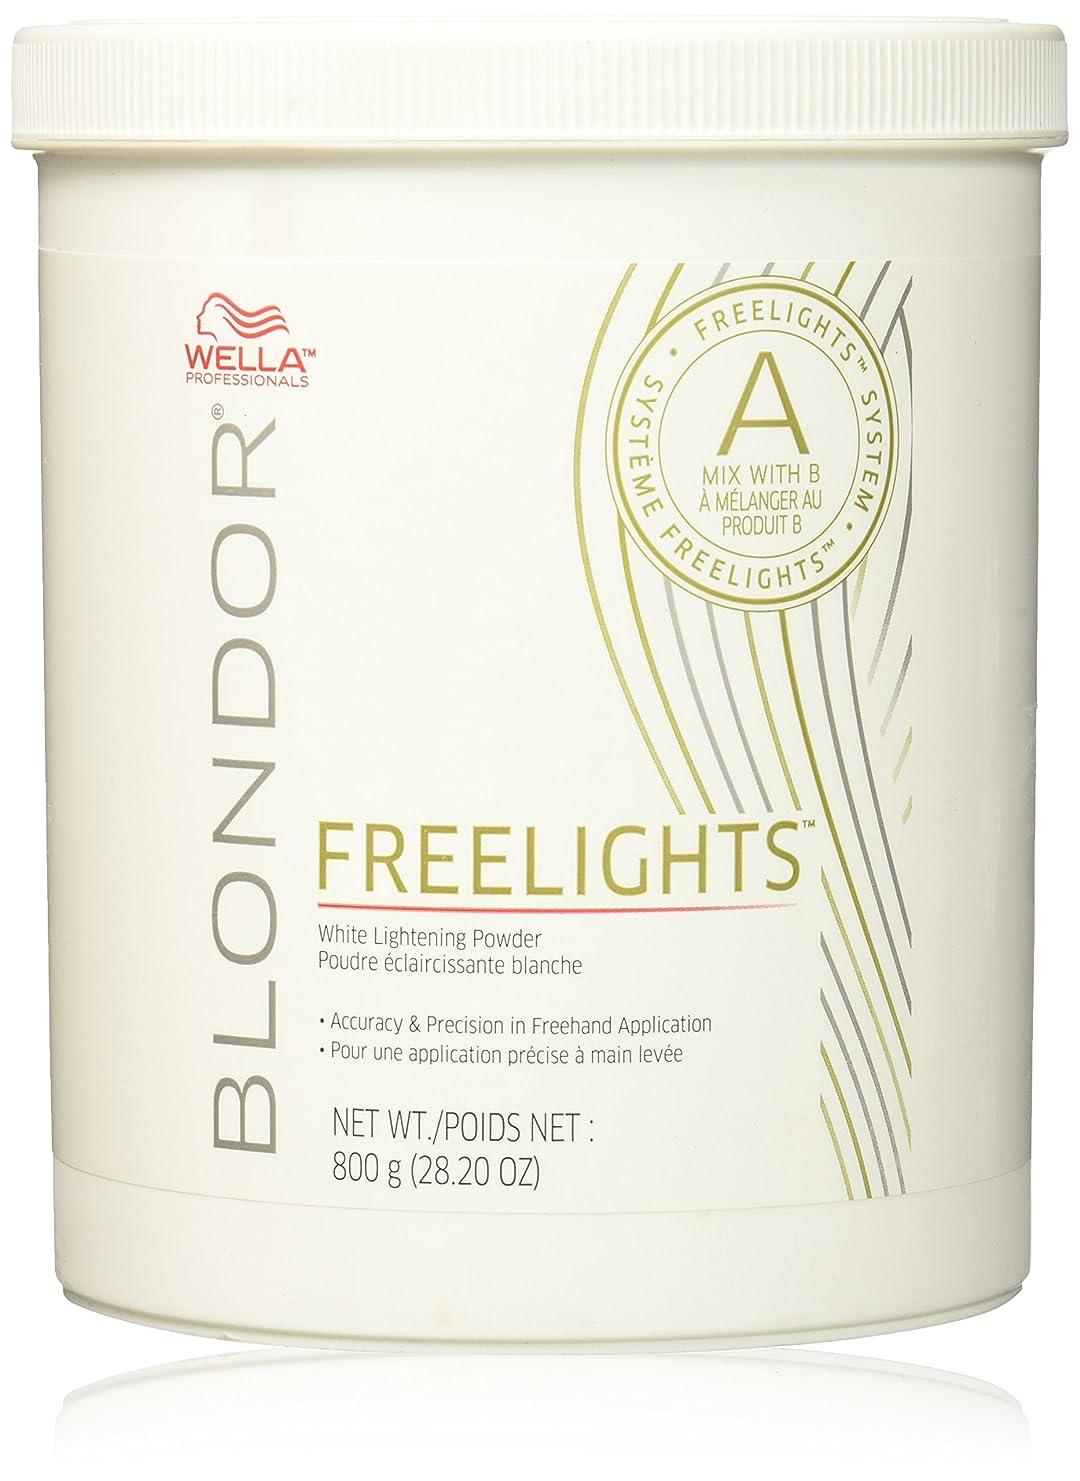 アブストラクト競争セグメントWella プロフェッショナルBlondor Freelightsホワイトライトニングパウダー - 28.20オンス 28.2オンス